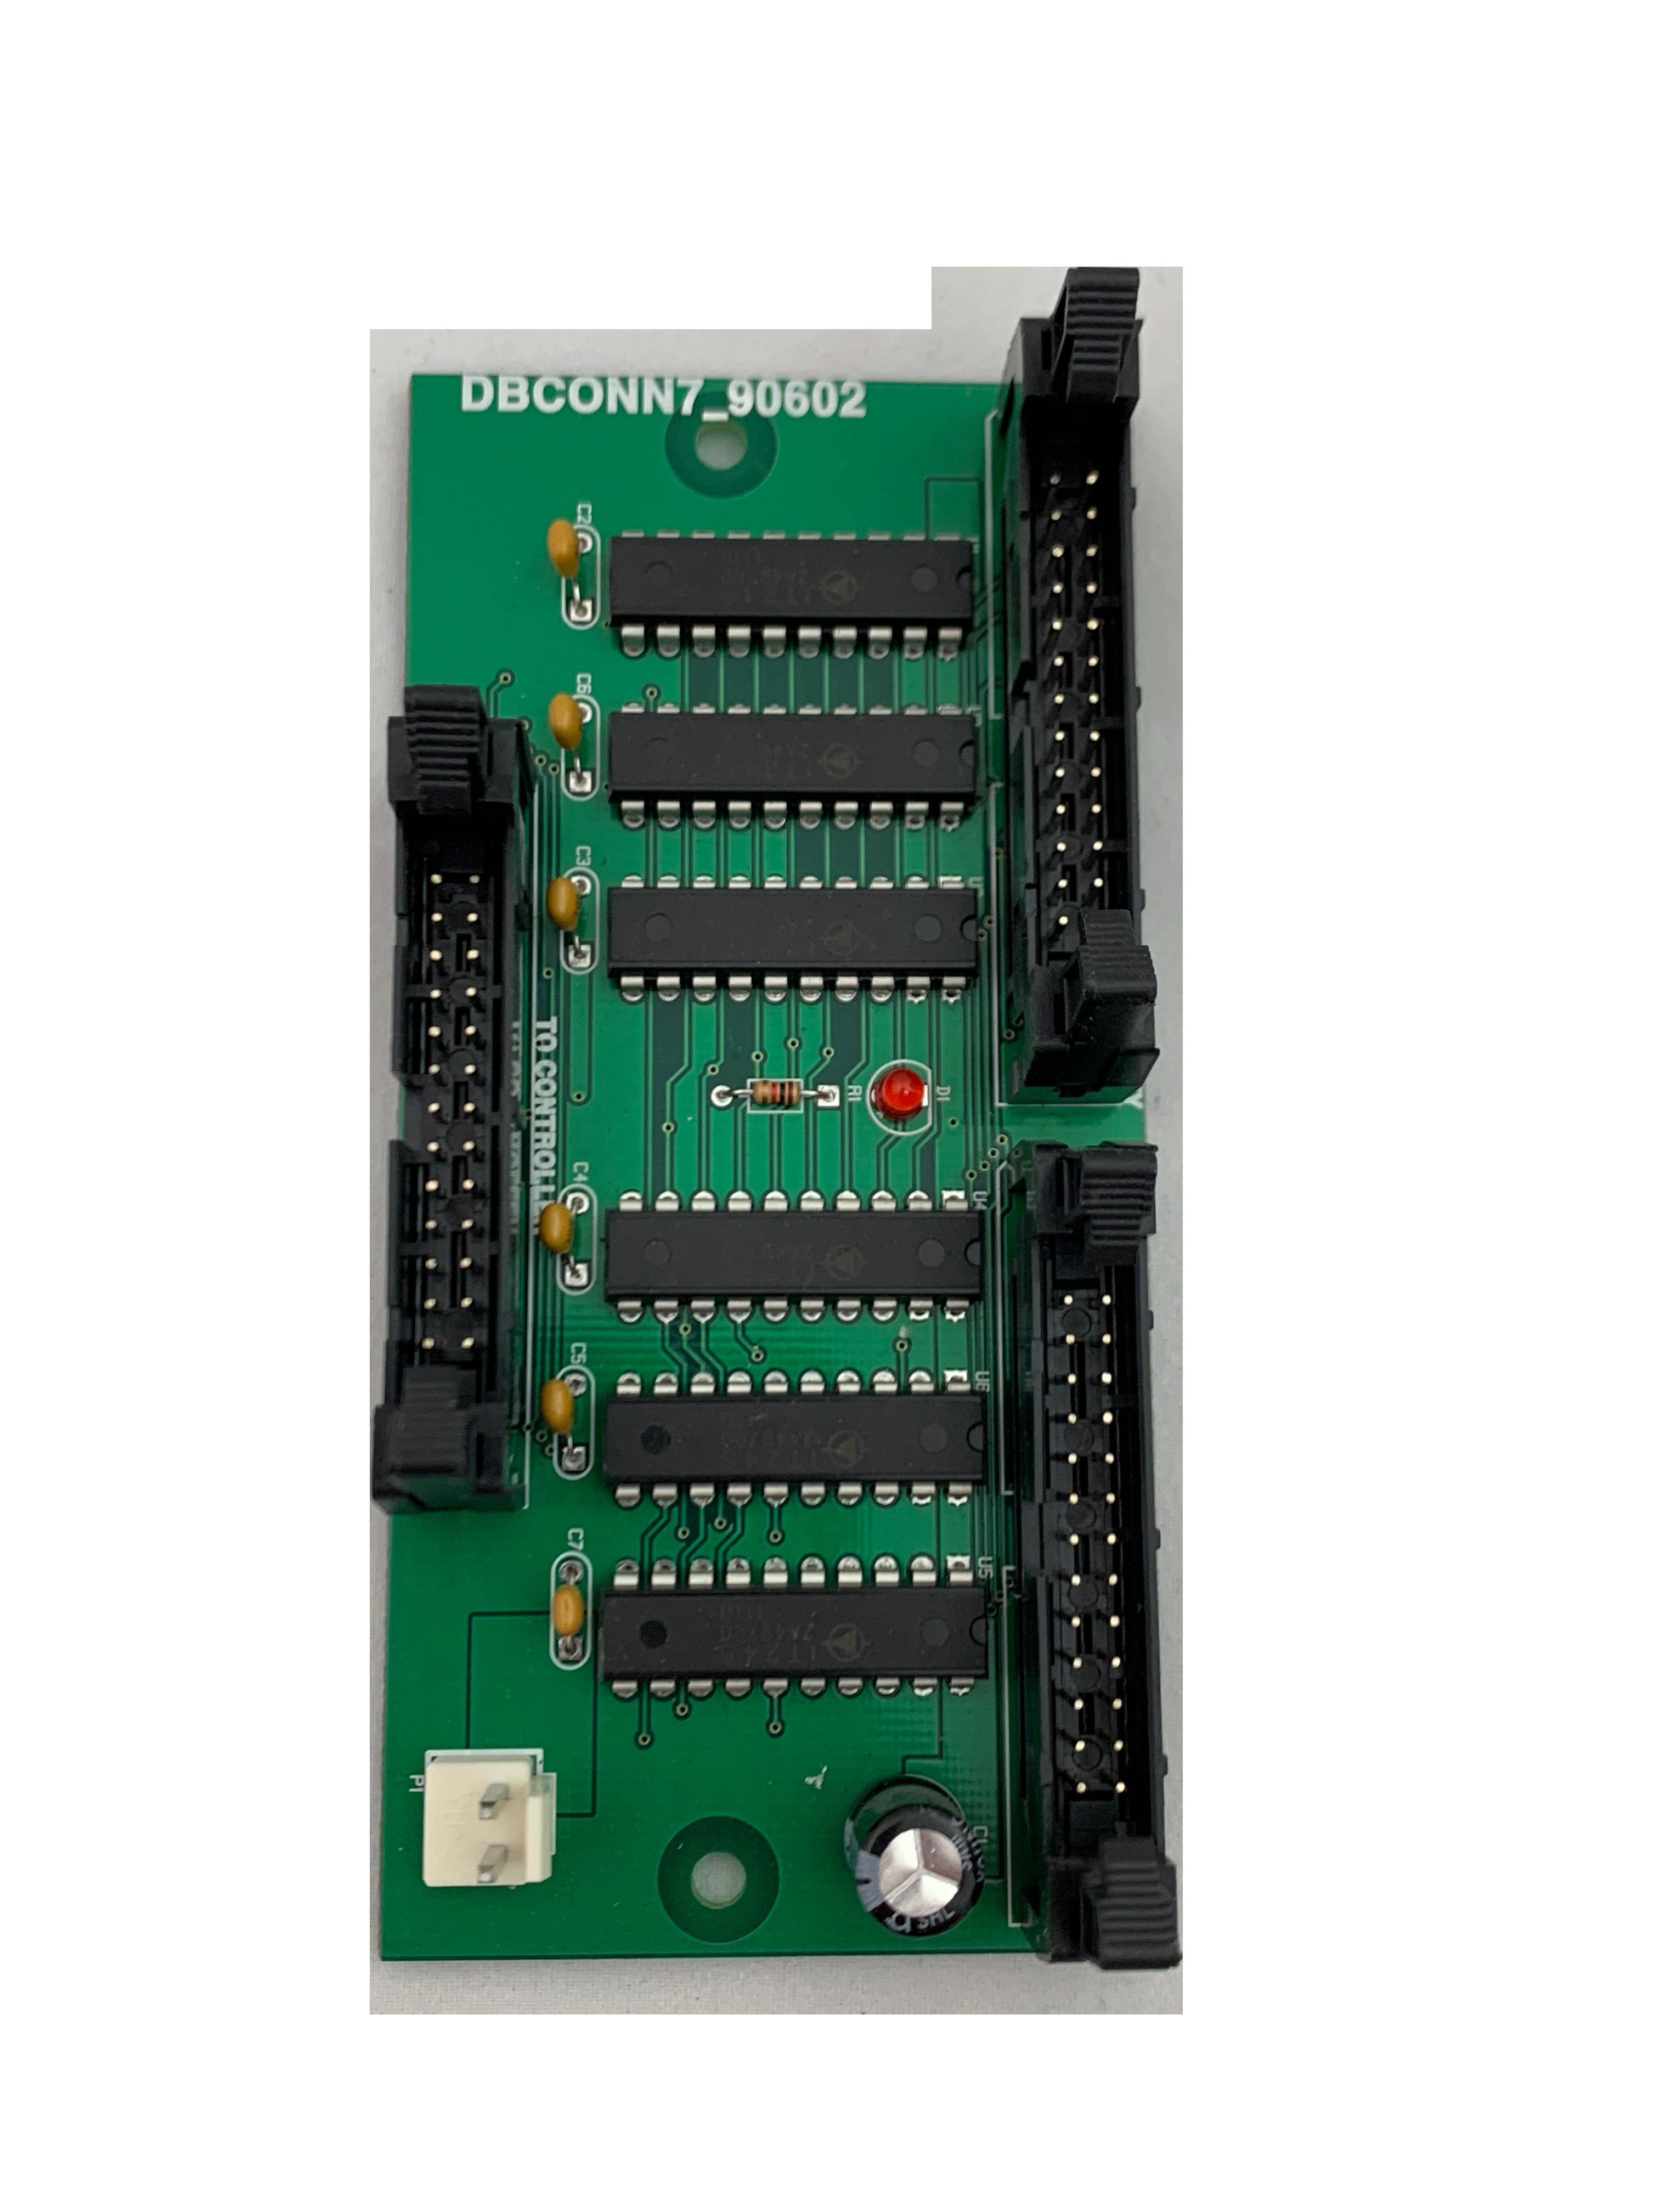 DBCONN7 DBCONN7_90602 1/4 Duty Full Color Splitter